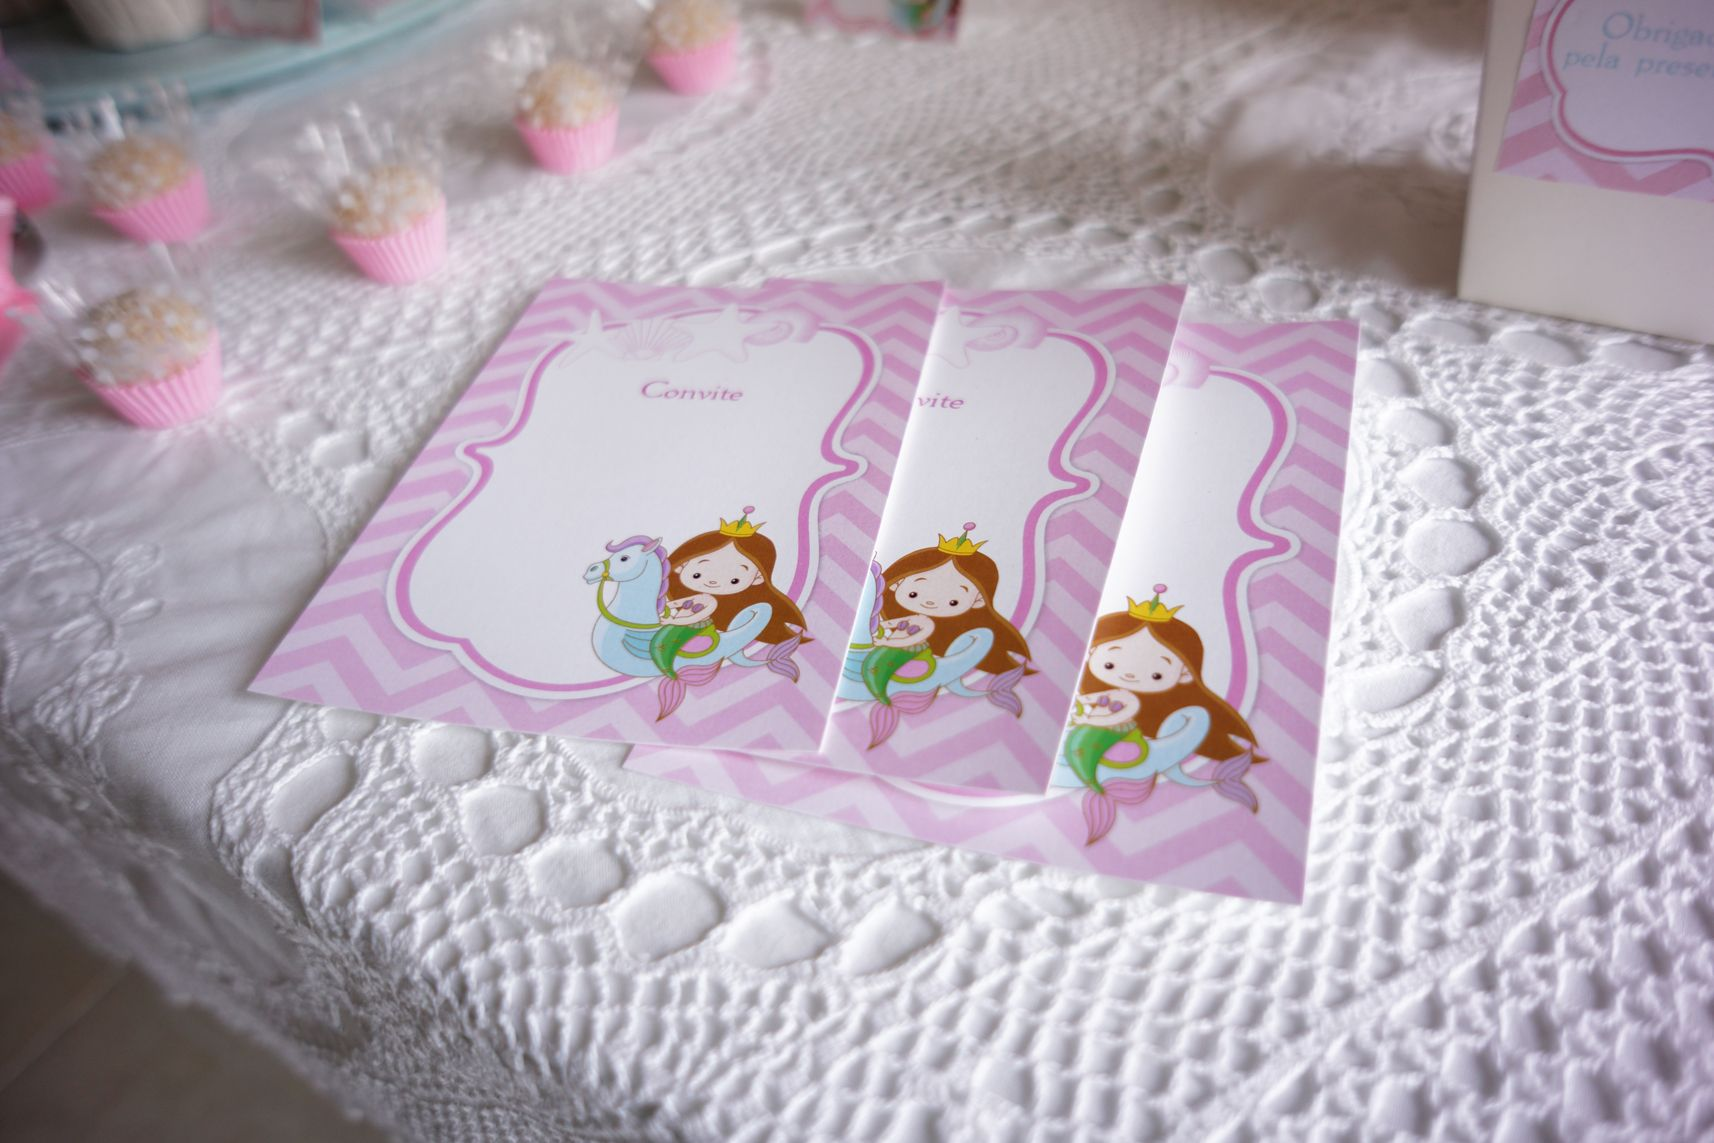 convites e forminhas com tapetinhos